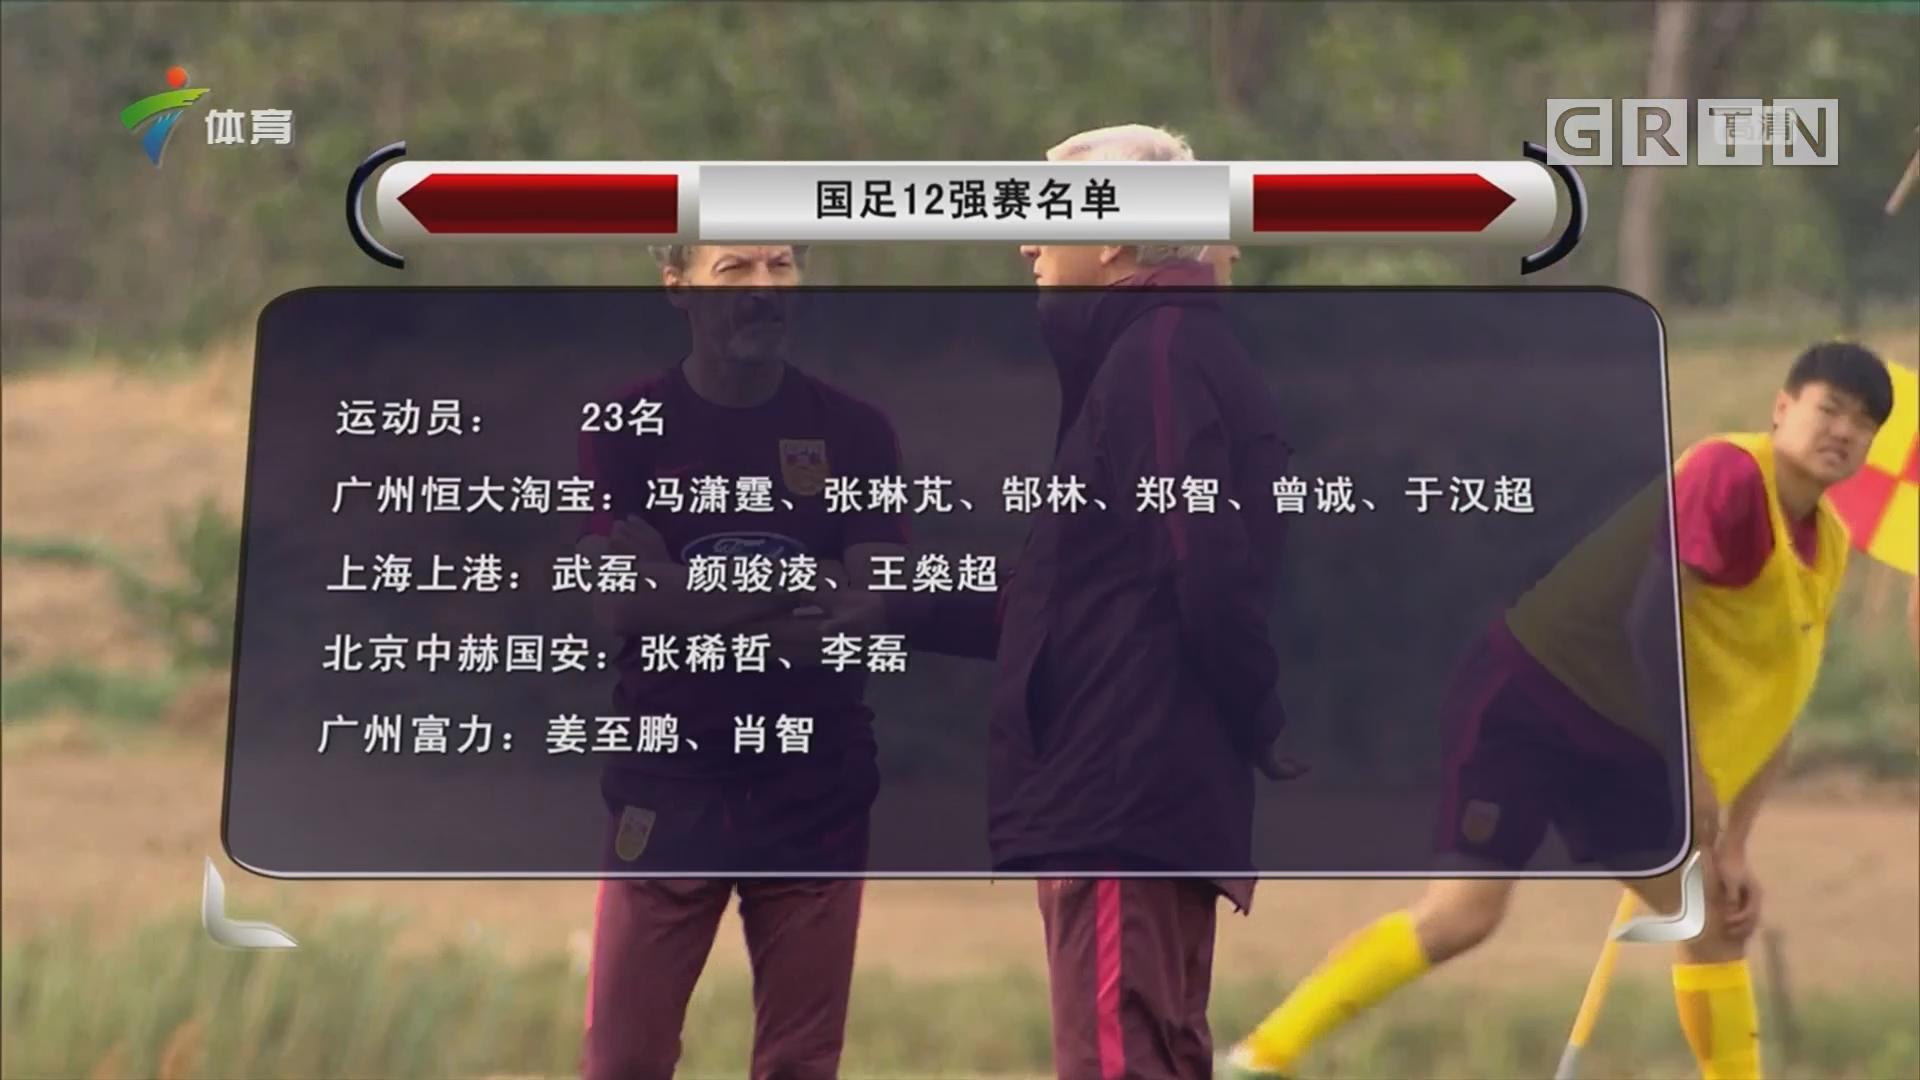 国足12强赛名单公布 郑智领衔恒大6将 张玉宁入选